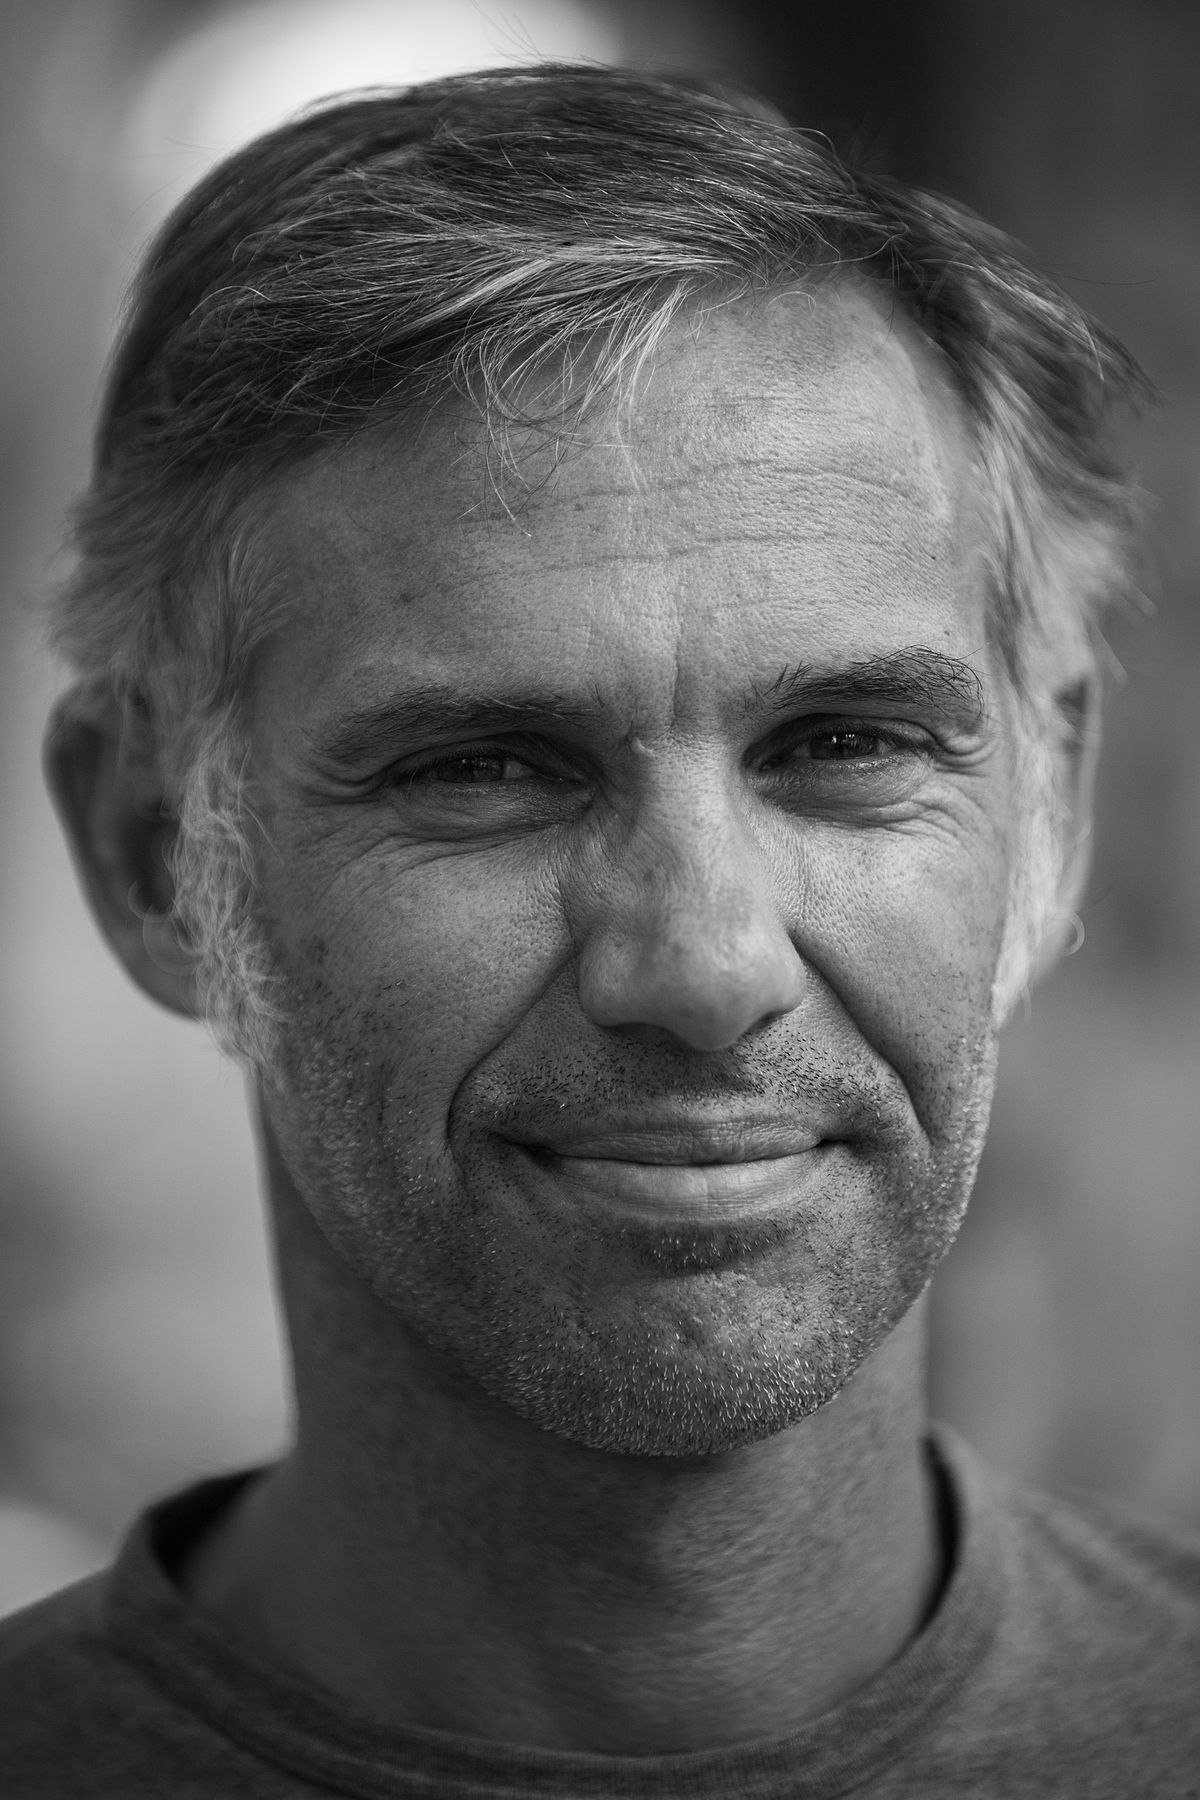 Paul Belmondo - Wikipedia